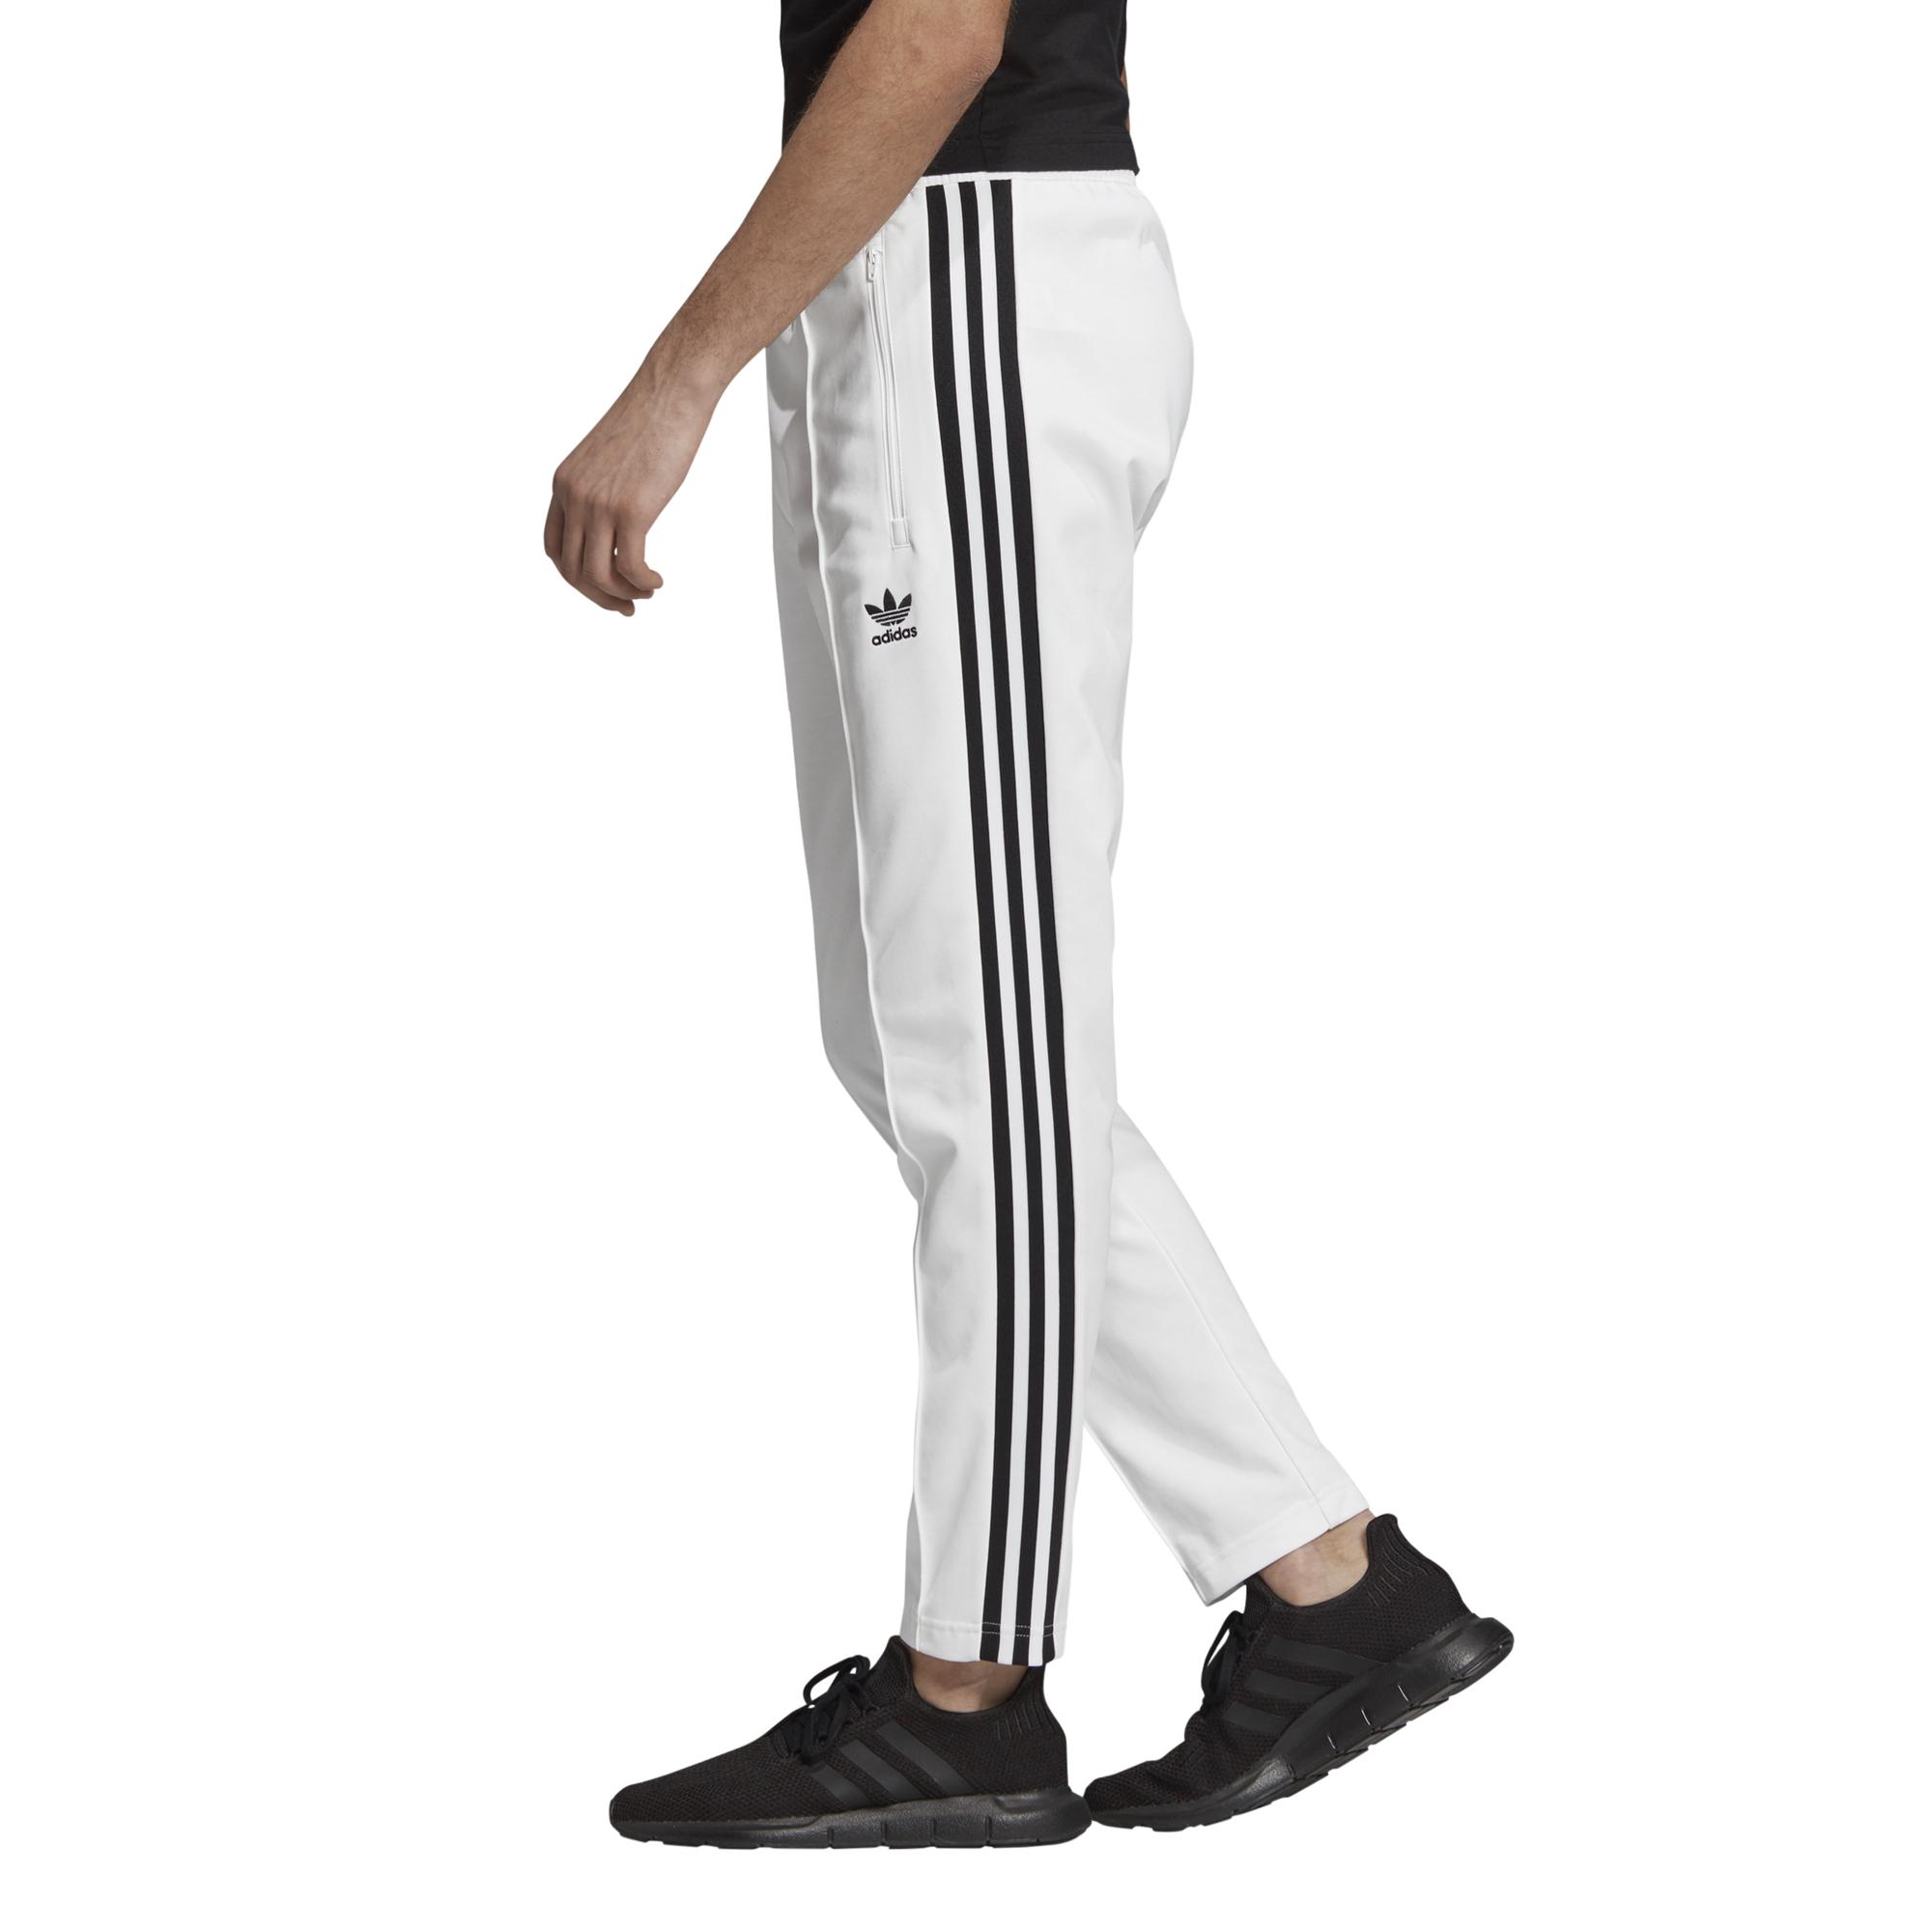 online retailer online retailer 100% genuine Pantalon de survêtement adidas BB 3-Stripes